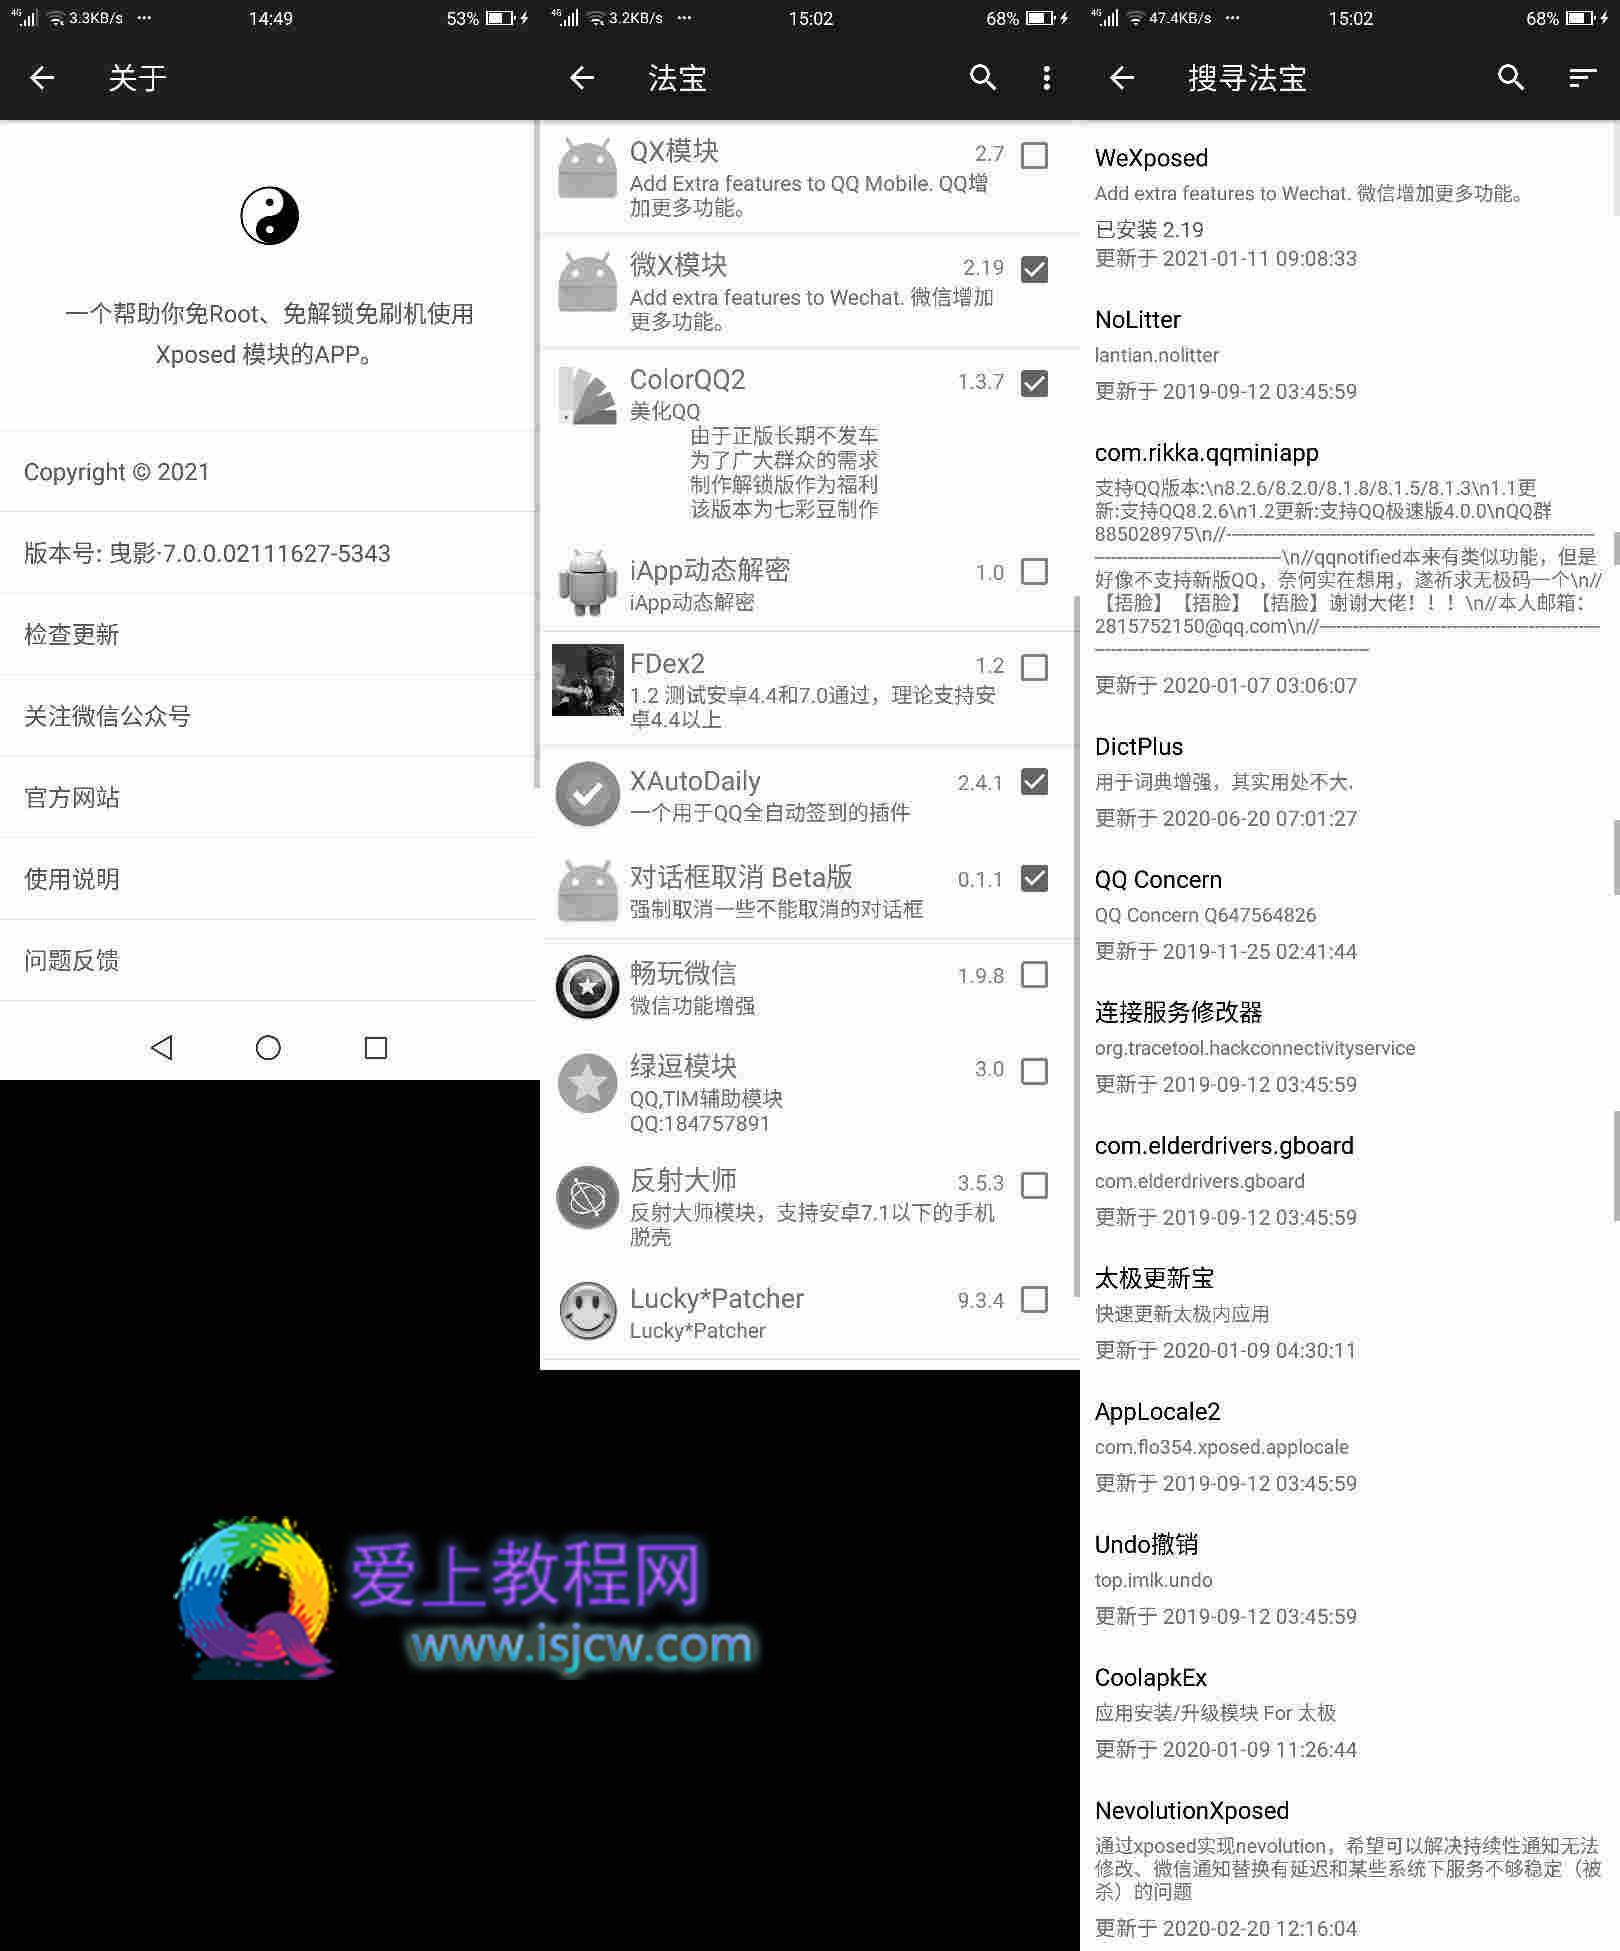 太极7.0正式版修复安卓11手机上的问题